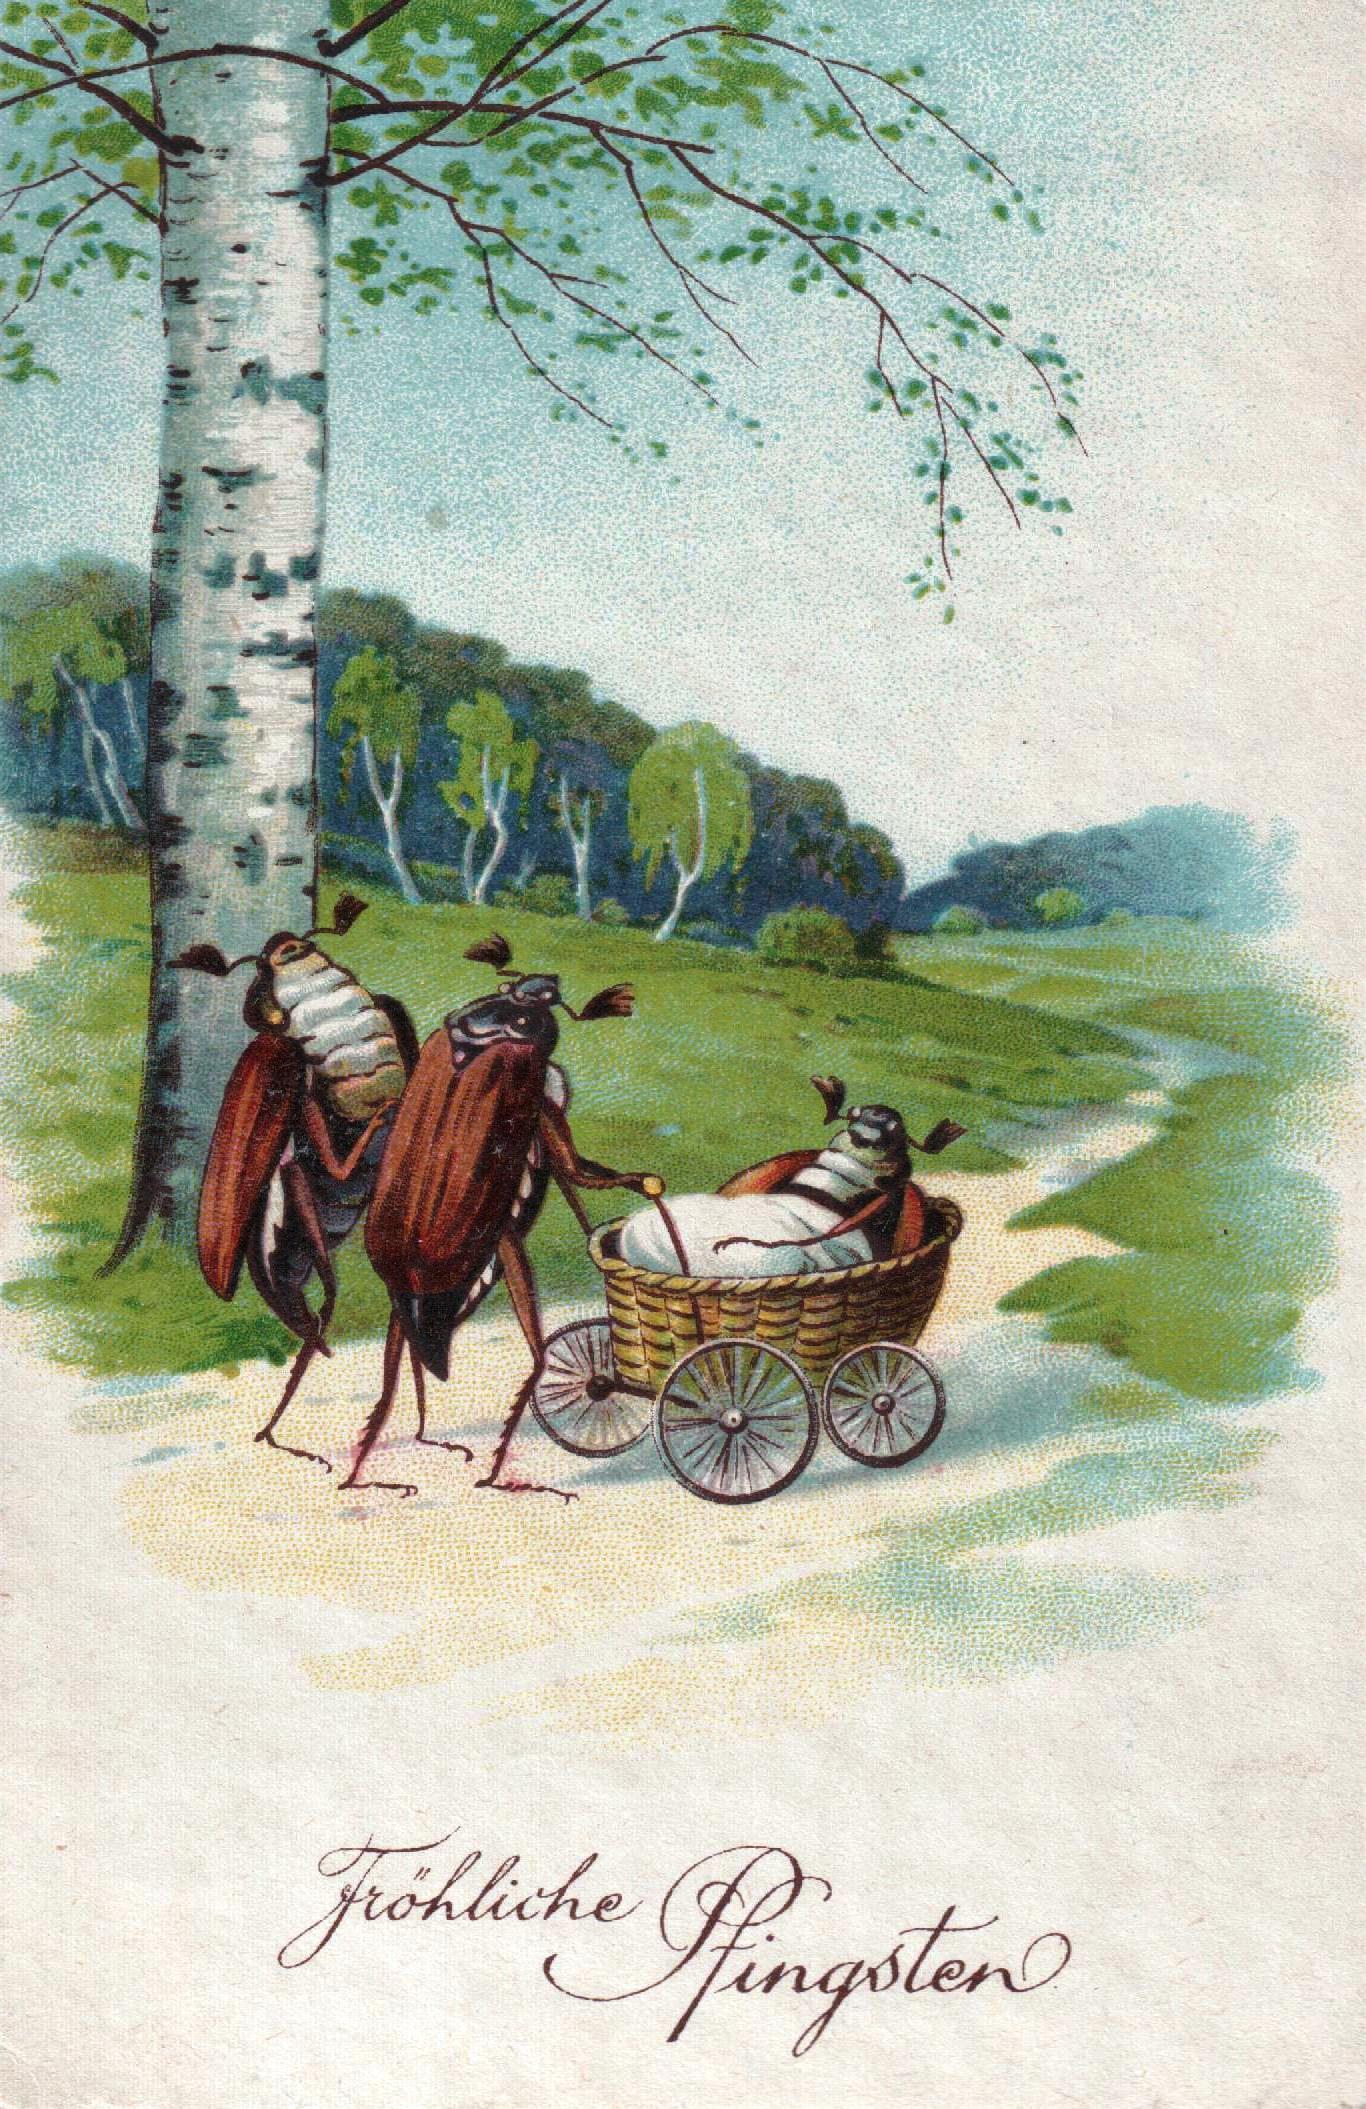 Niezwykła pocztówka [ARCHIWALNE KARTY - GALERIA] 11